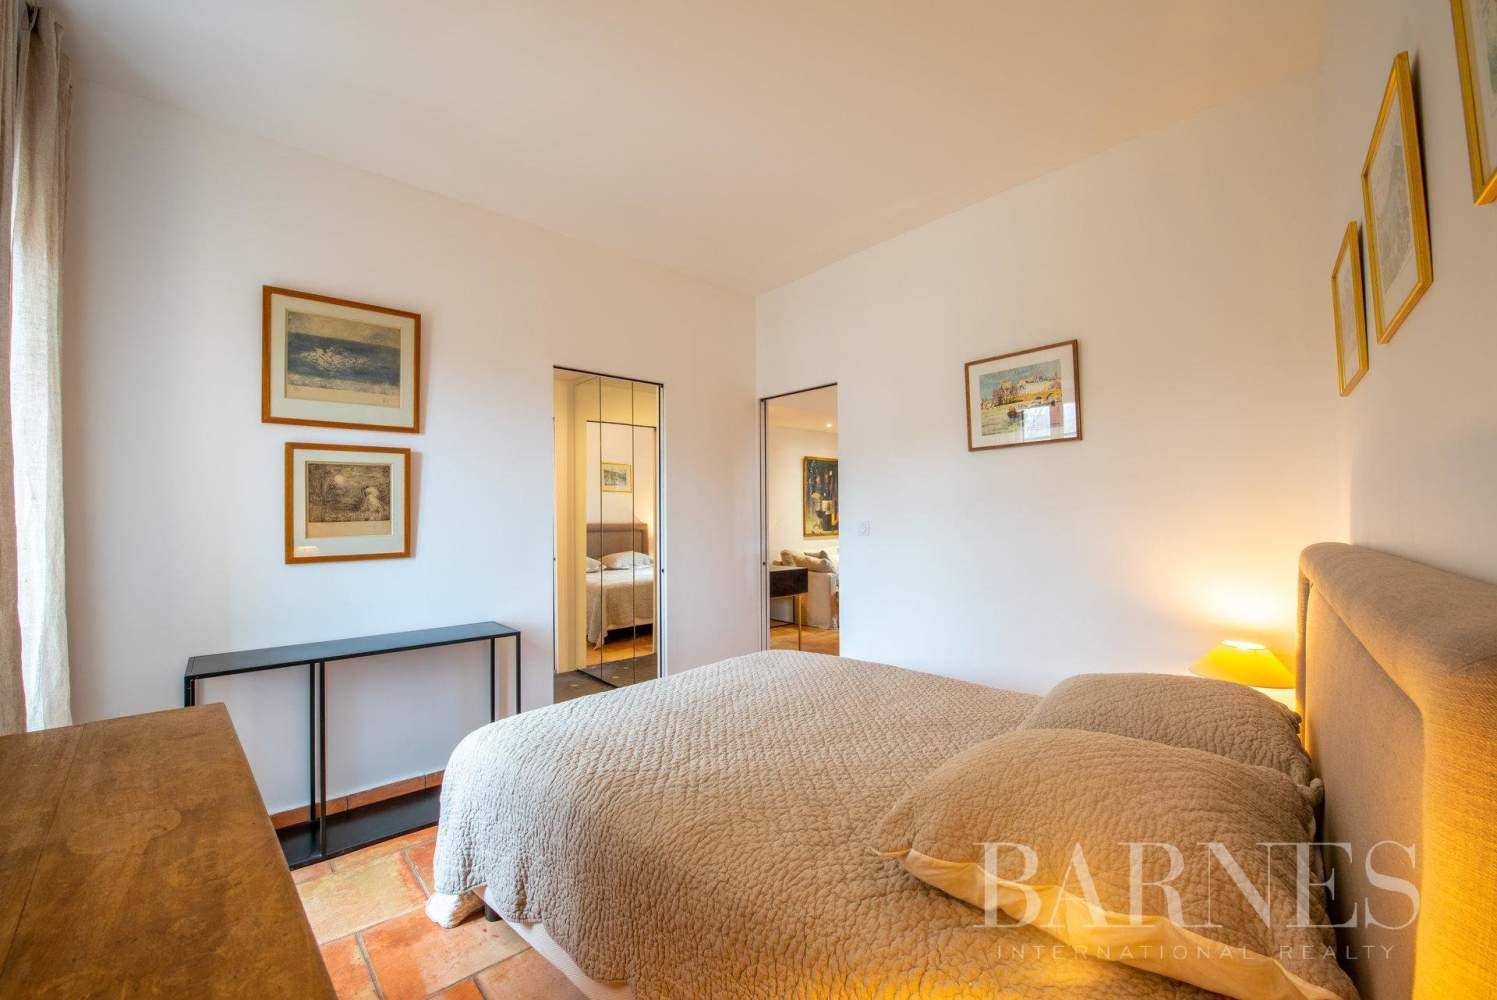 Saint-Tropez  - Appartement  2 Chambres - picture 10